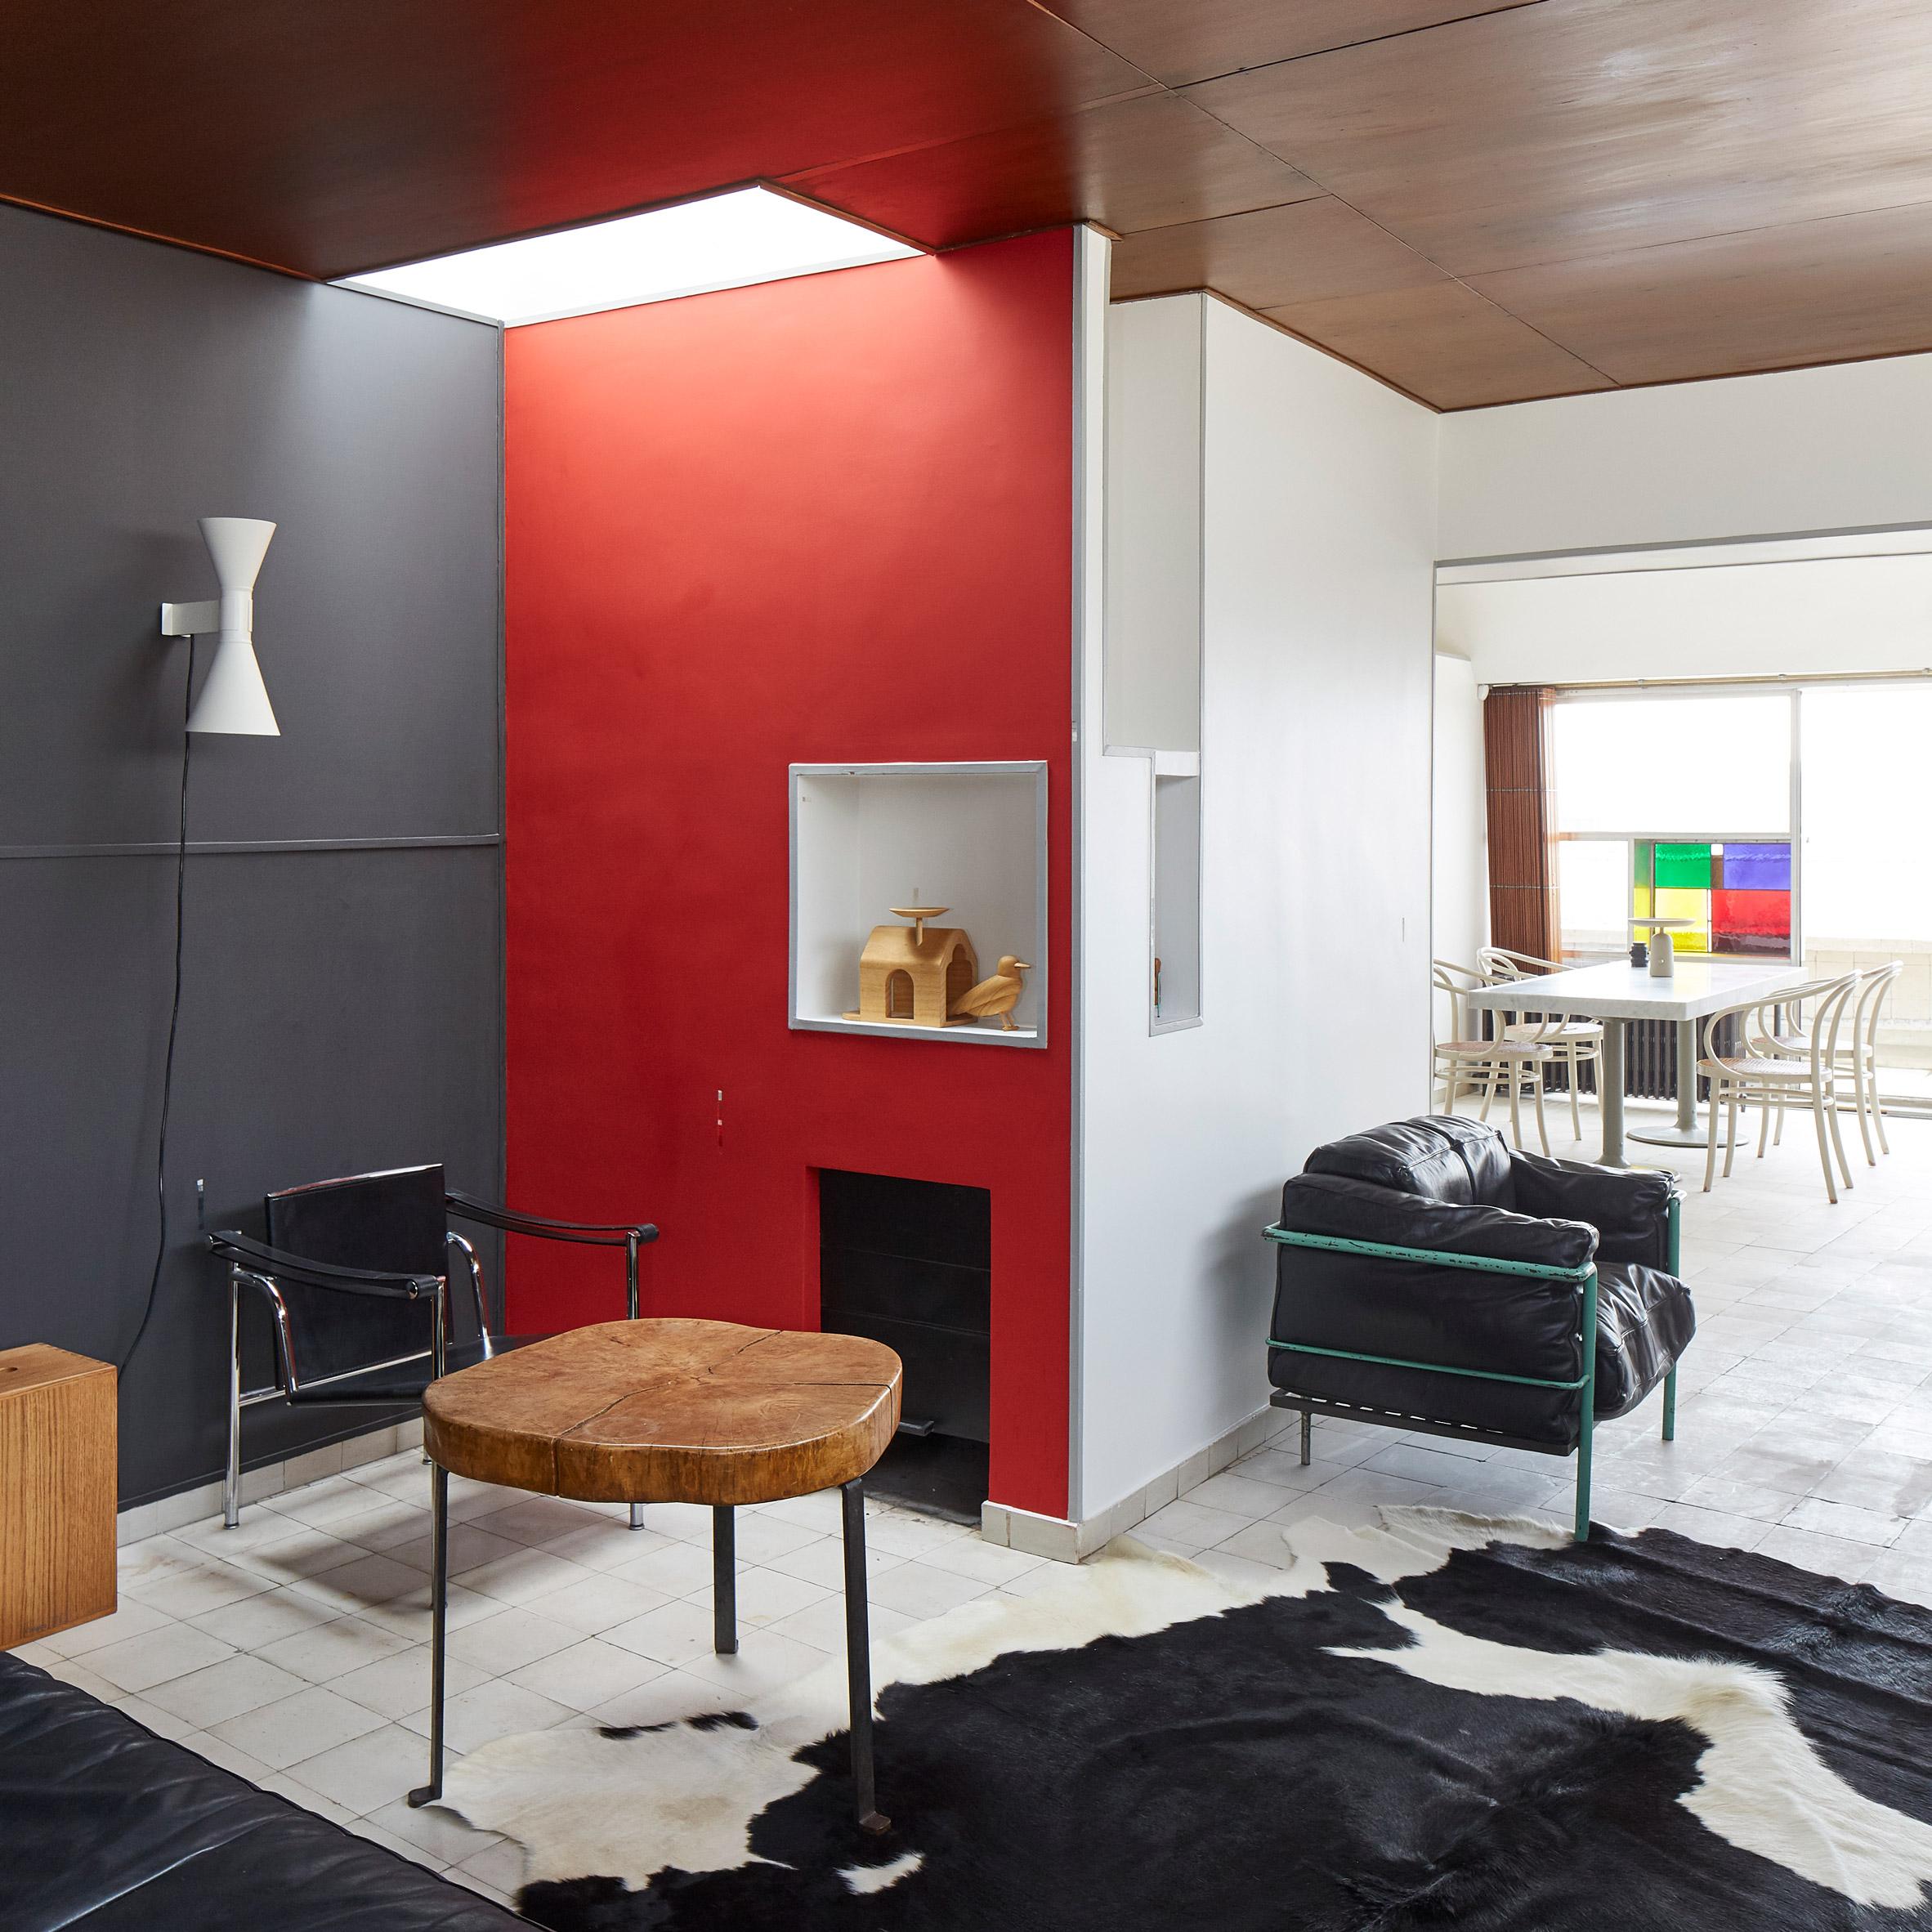 Pierres Et Tradition Apt le corbusier's paris home reopens its doors to the public